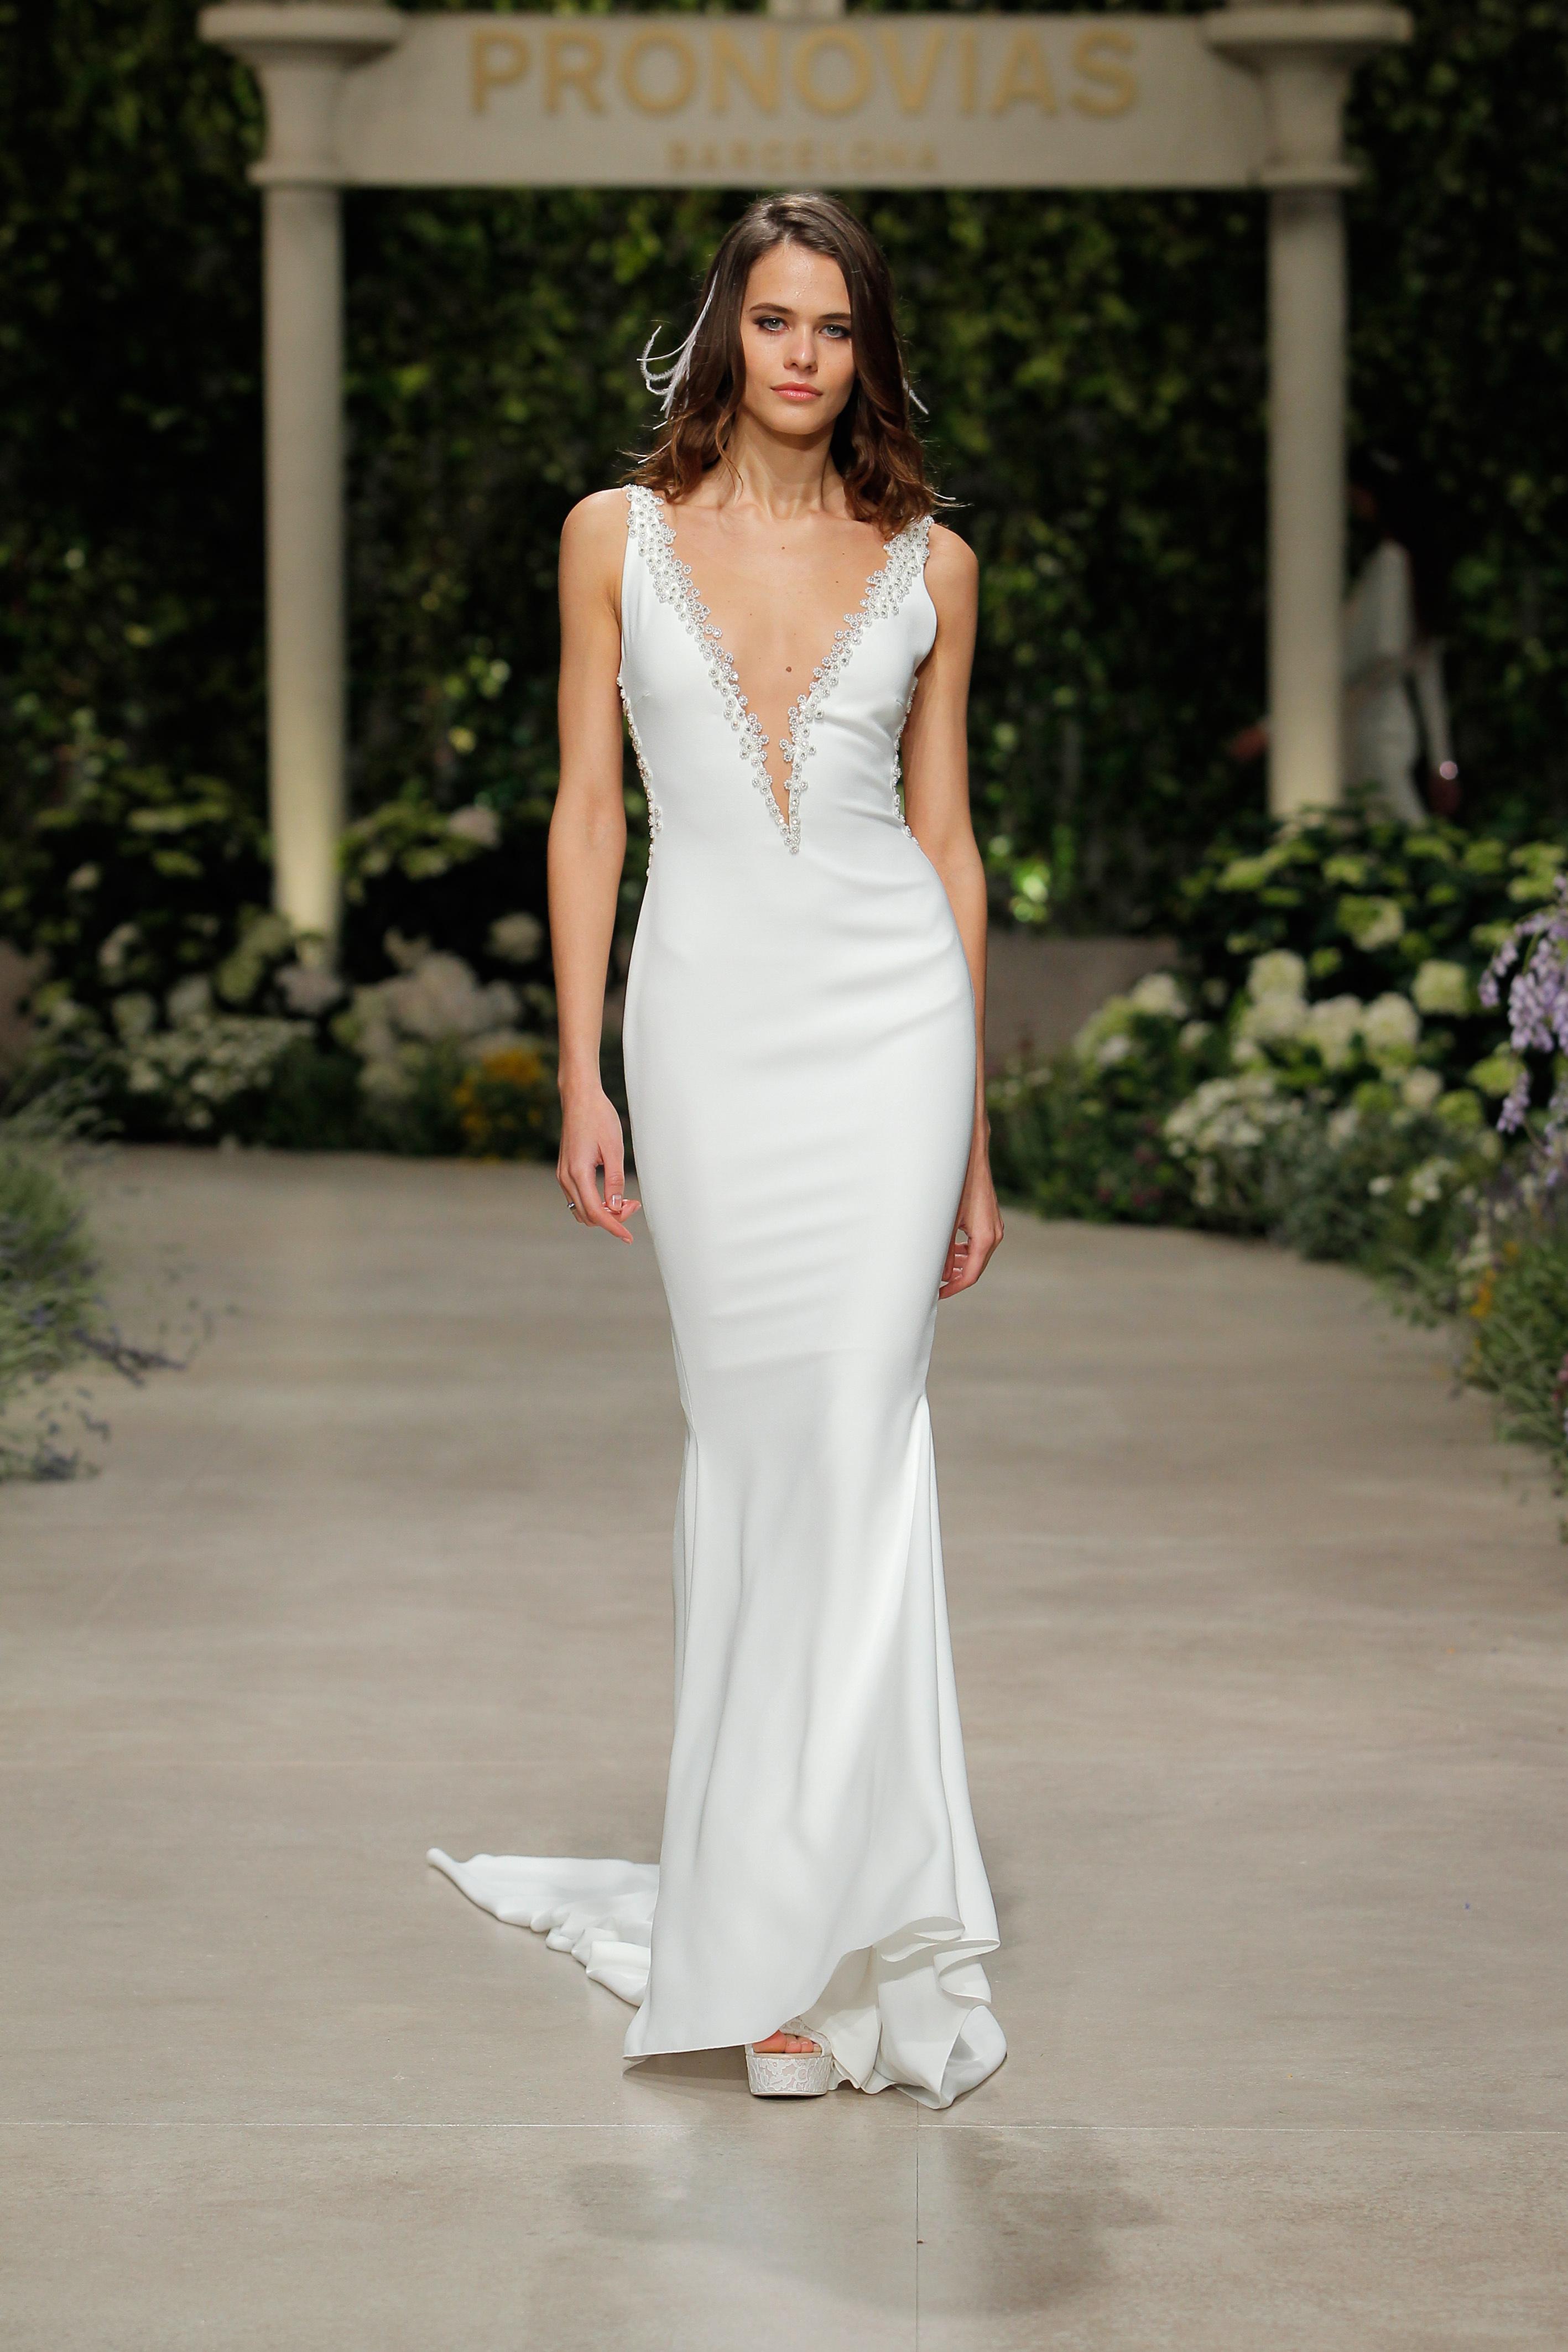 pronovias wedding dress spring 2019 v-neck sheath